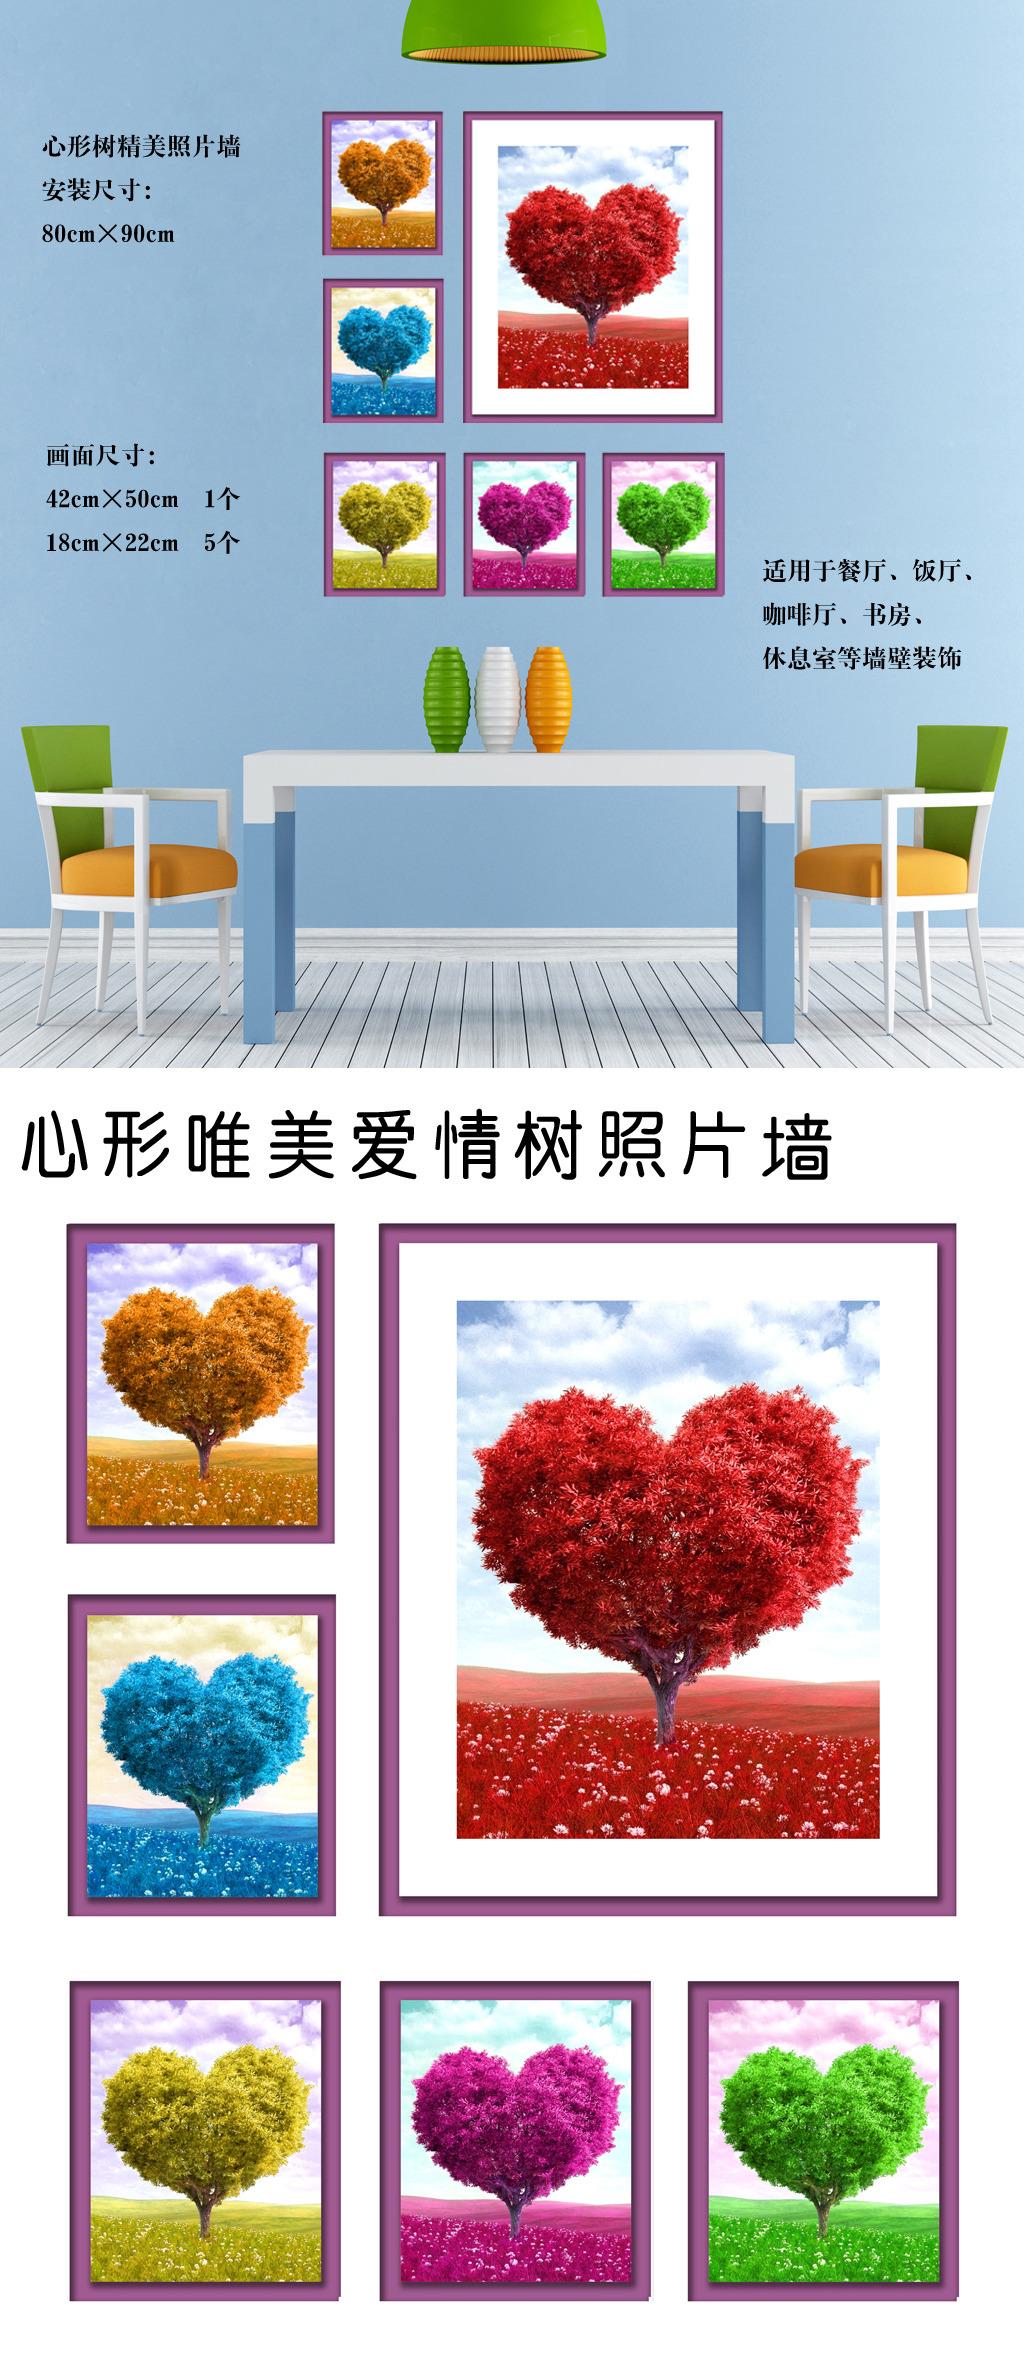 心形唯美爱情树照片墙模板照片下载图片